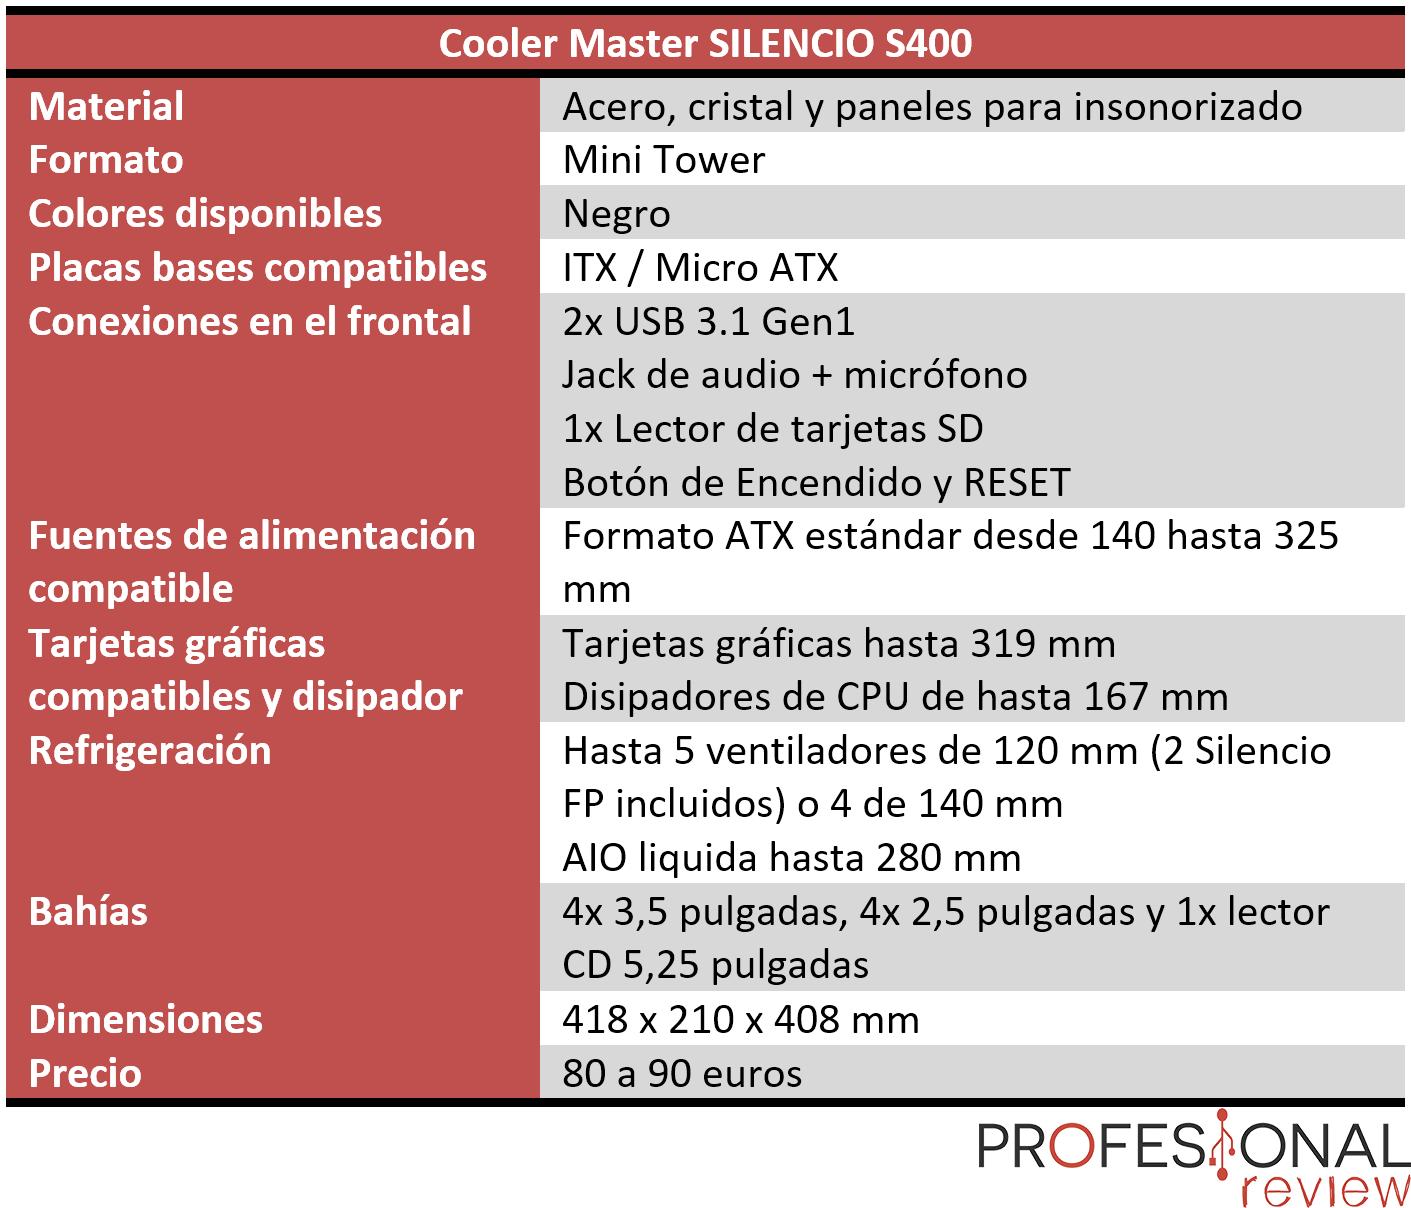 Cooler Master SILENCIO S400 Características